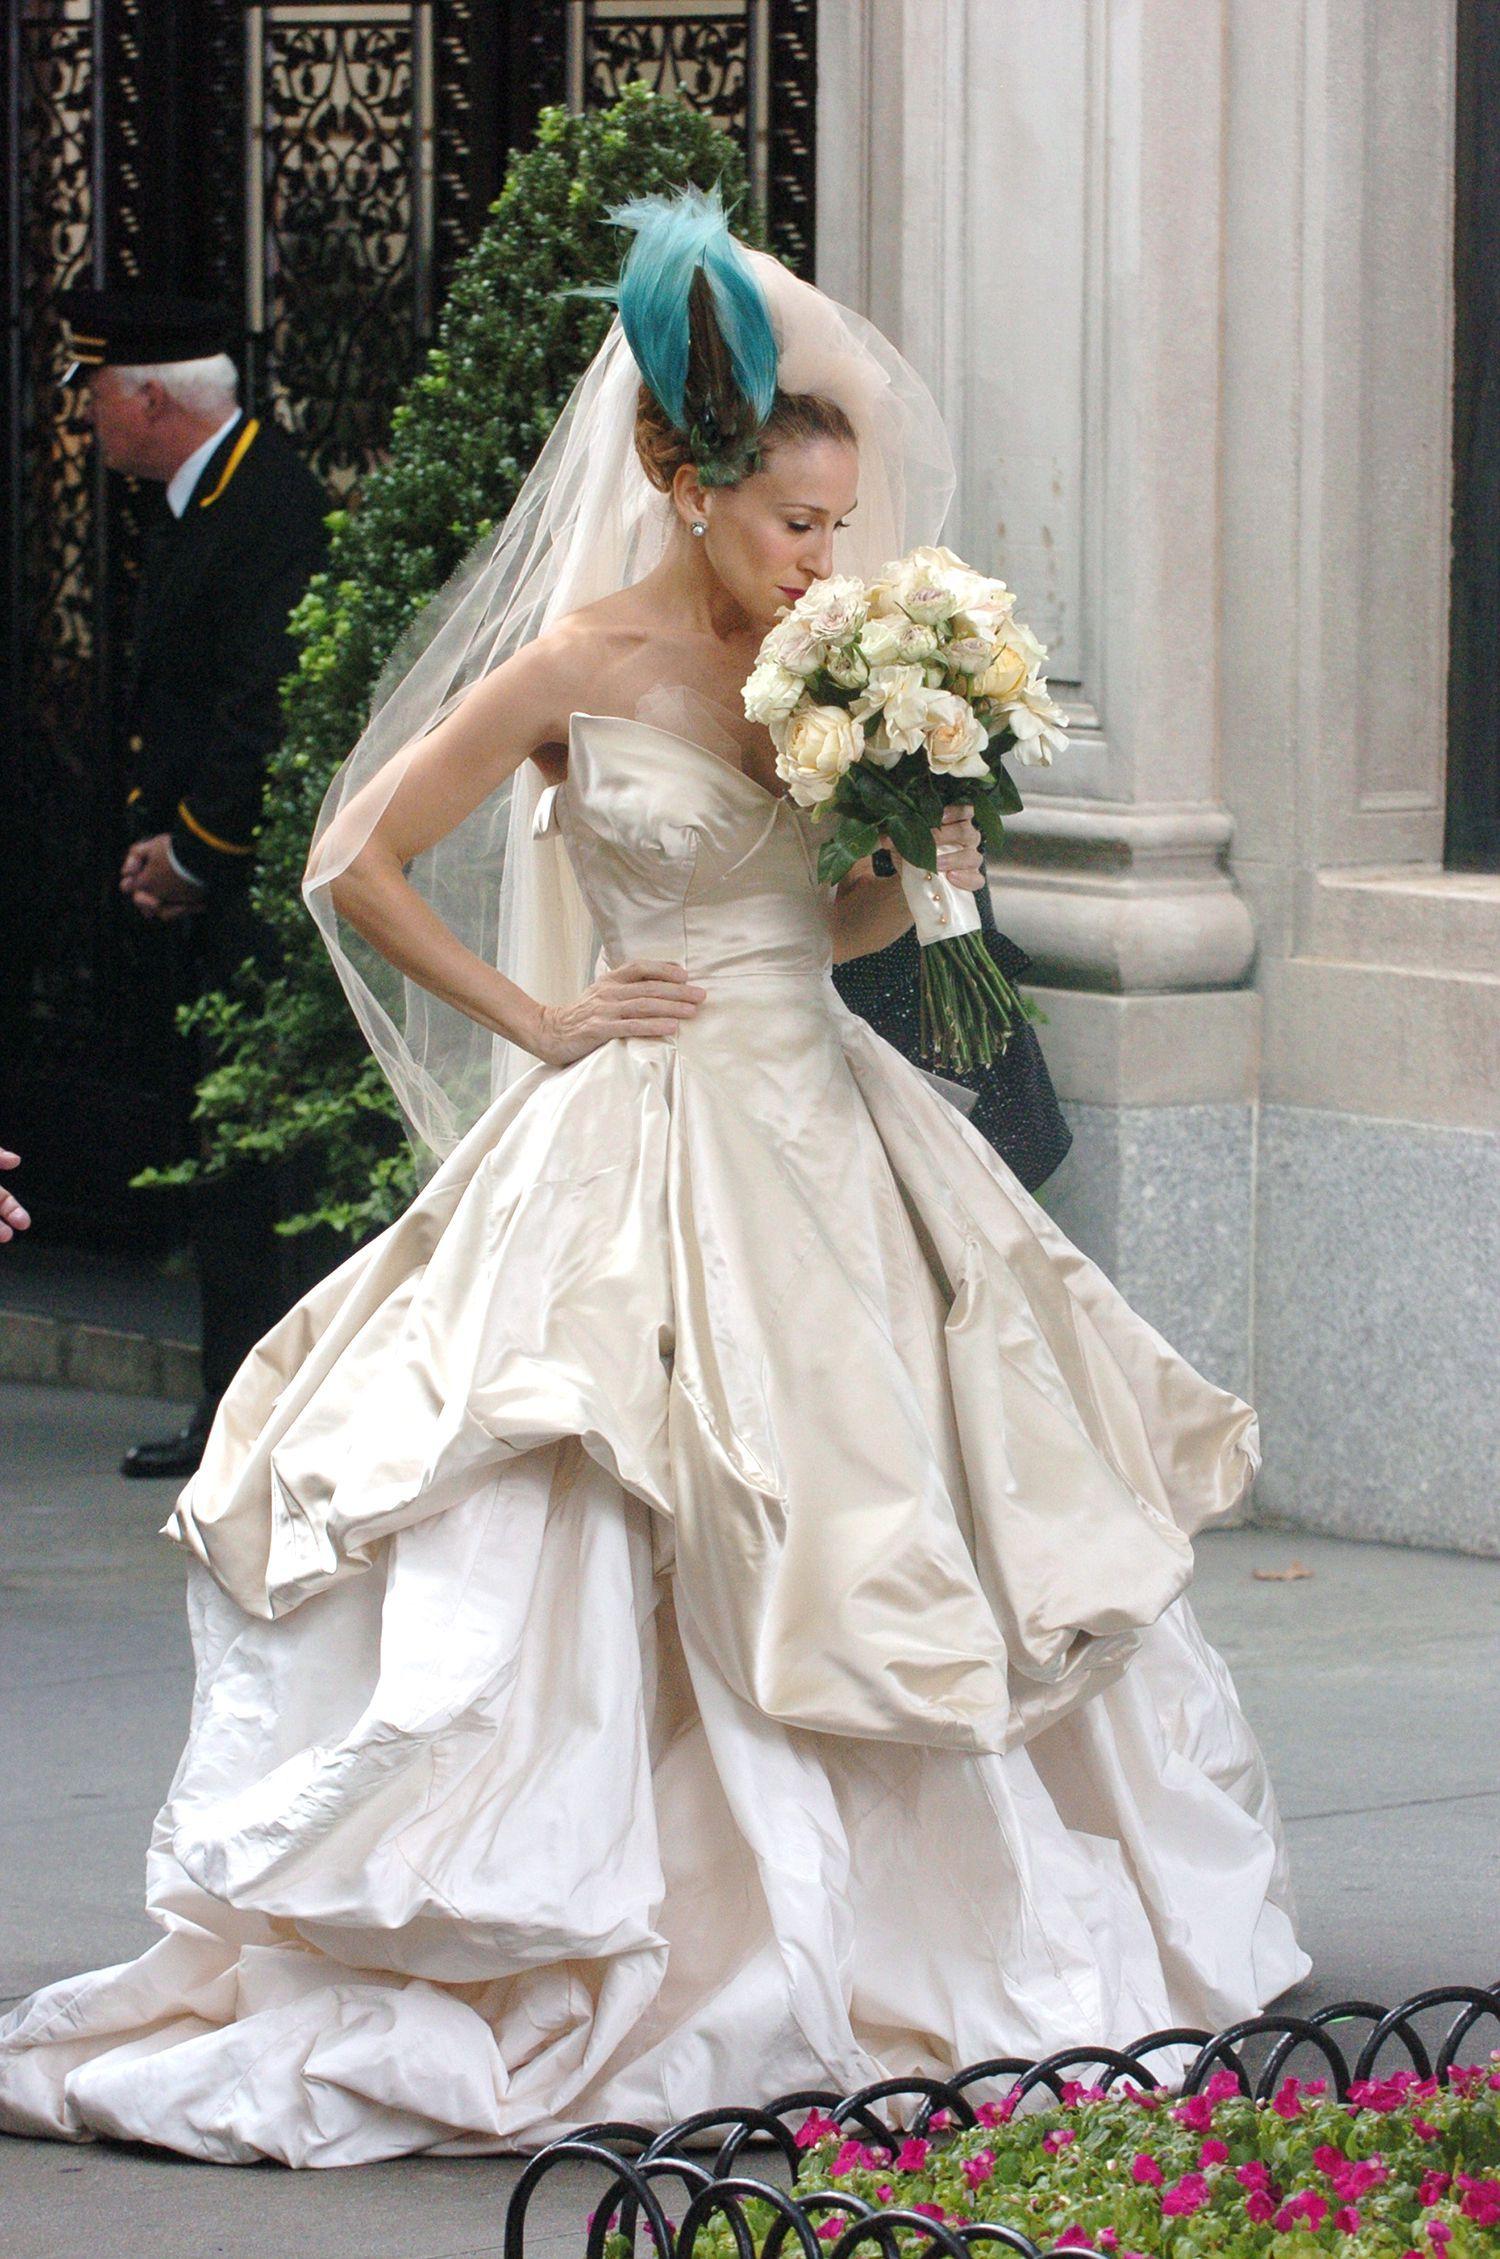 wedding dress of Carrie Bradshaw